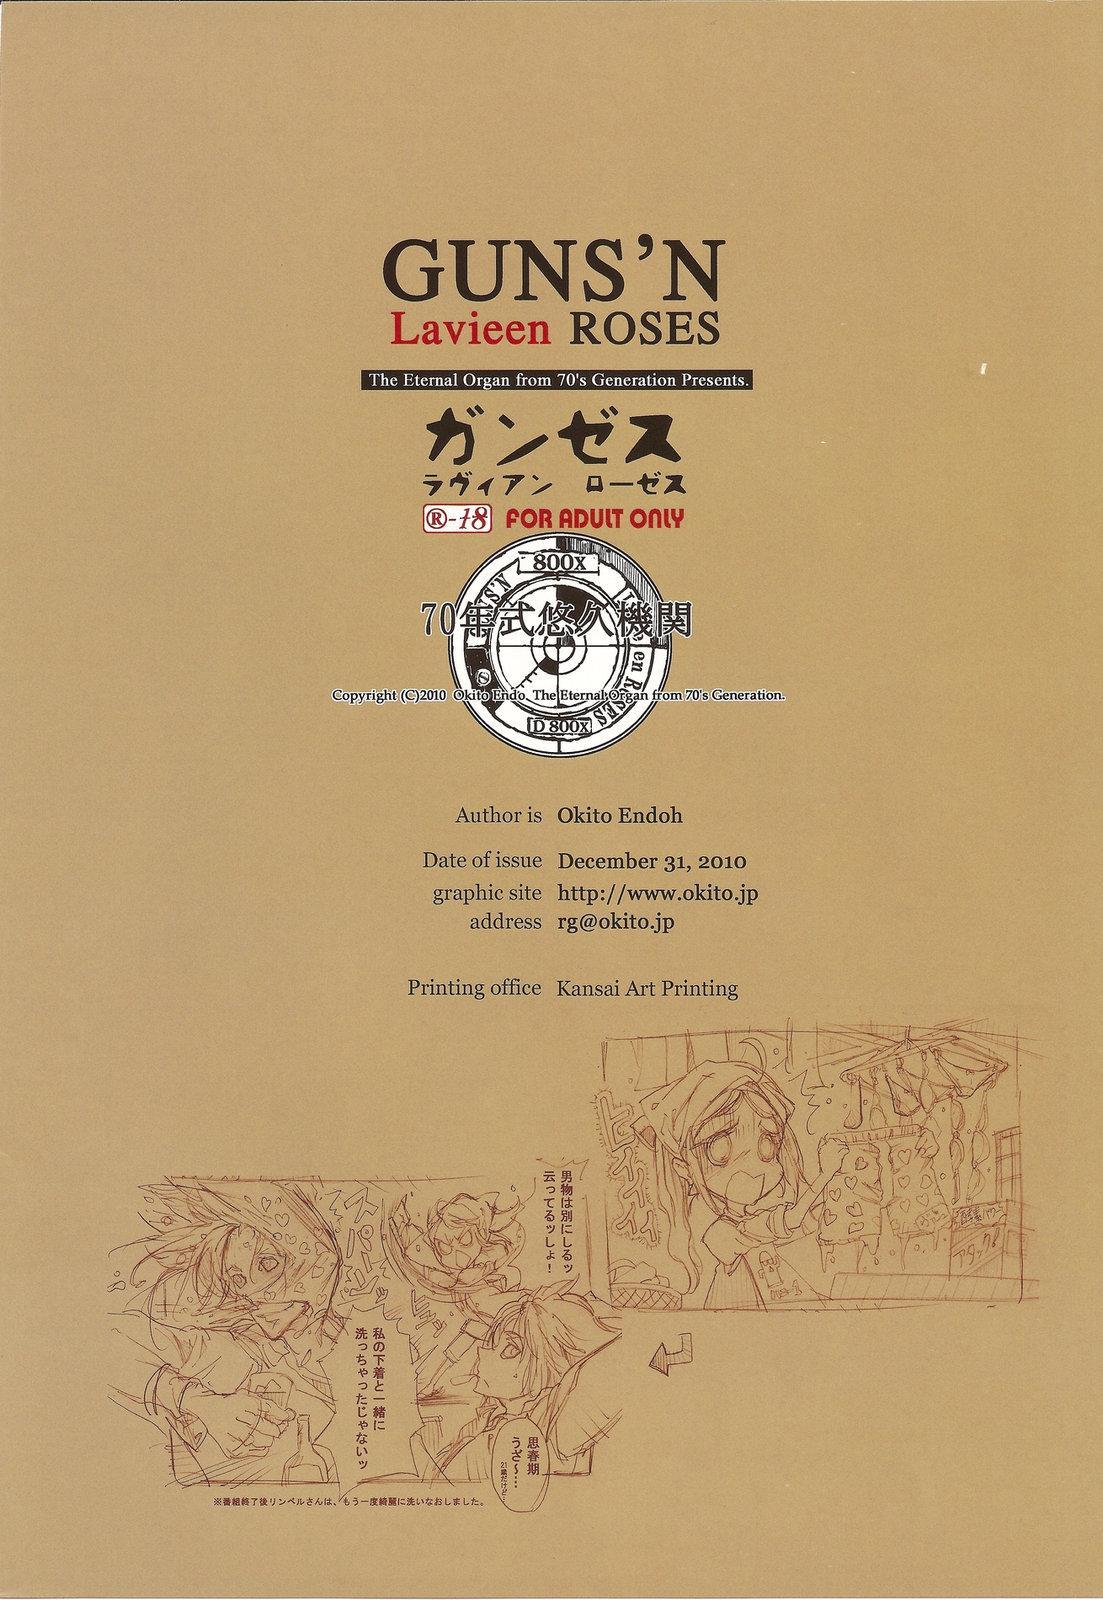 GUNS'N Lavieen ROSES 21